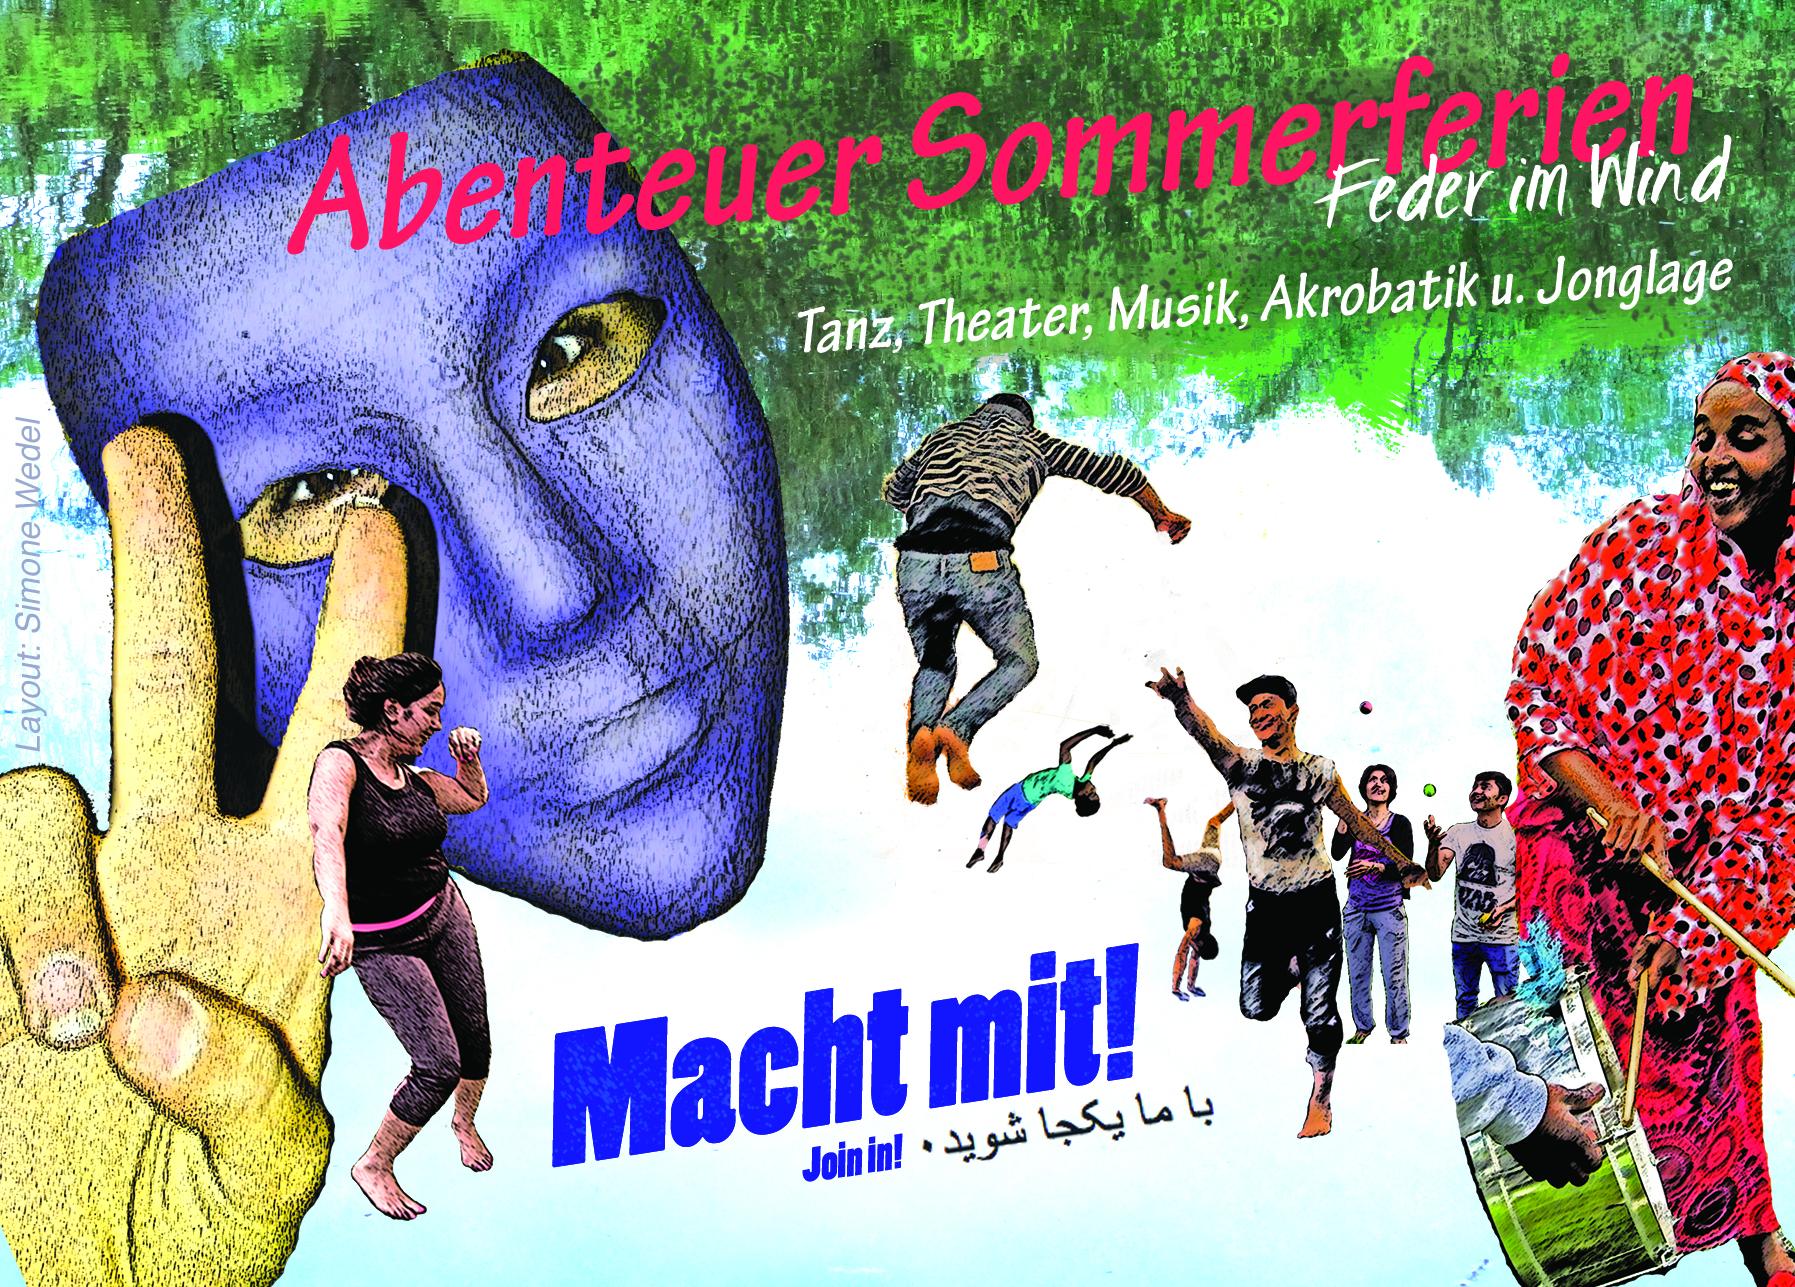 Tanz-Theater-Projekt für Jugendliche - Abenteuer Sommerferien - ÜberBrücken, Frankfurt am Main